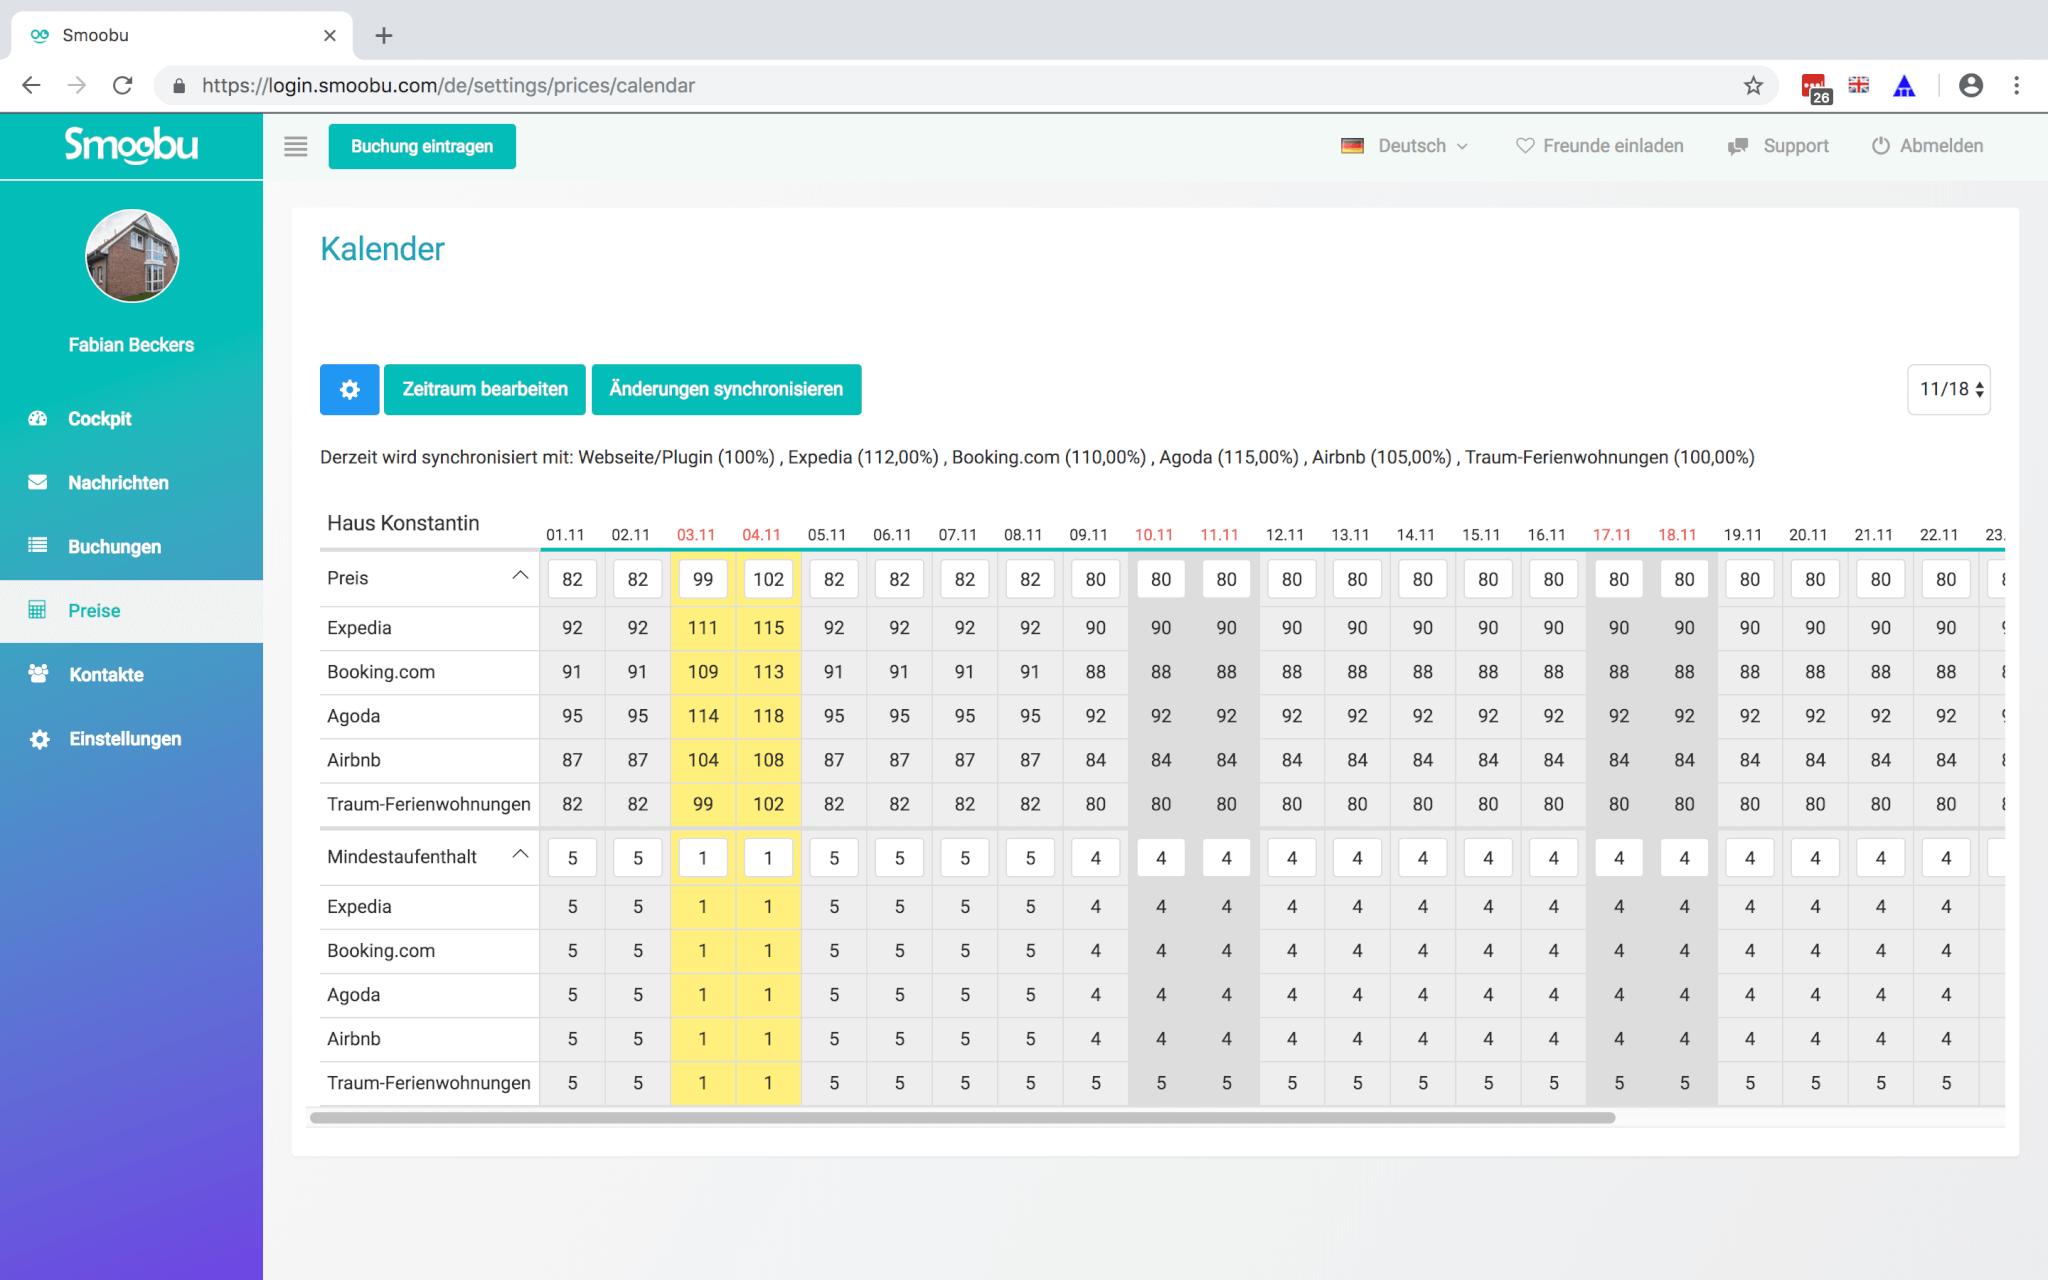 Mit Smoobu Channel Manager ganz einfach fuer deine Fewo die Preise synchronisieren und Mindestaufenthalte bestemmen